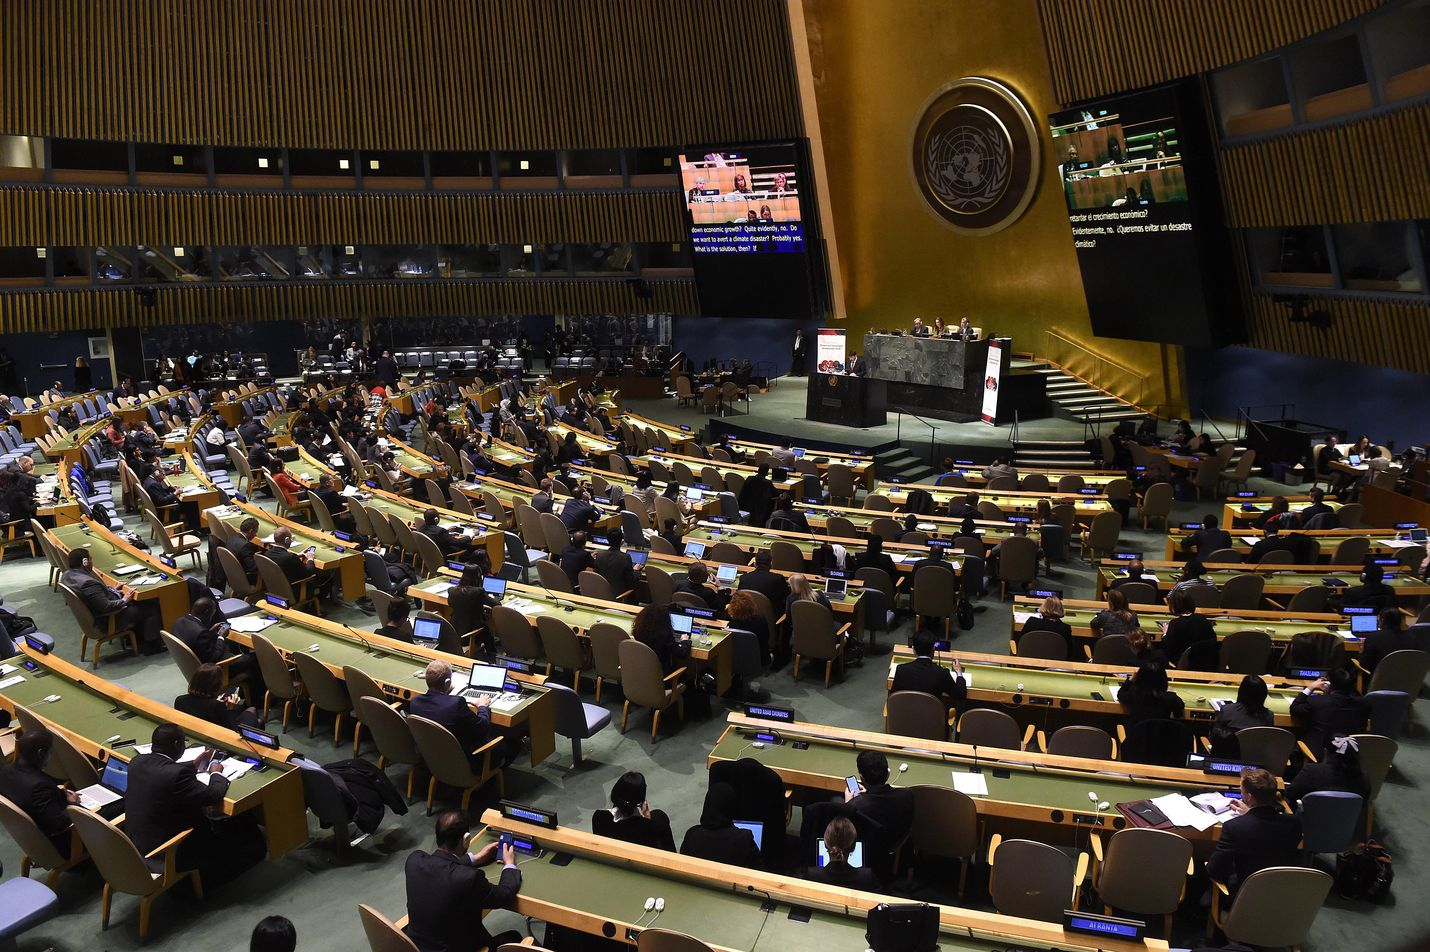 Maaliskuussa YK:n päämajassa New Yorkissa pidetyssä kokouksessa käsiteltiin ilmastonmuutosta ja kestävää kehitystä. Tällä viikolla samassa paikassa pidetään YK:n 74. yleiskokous.